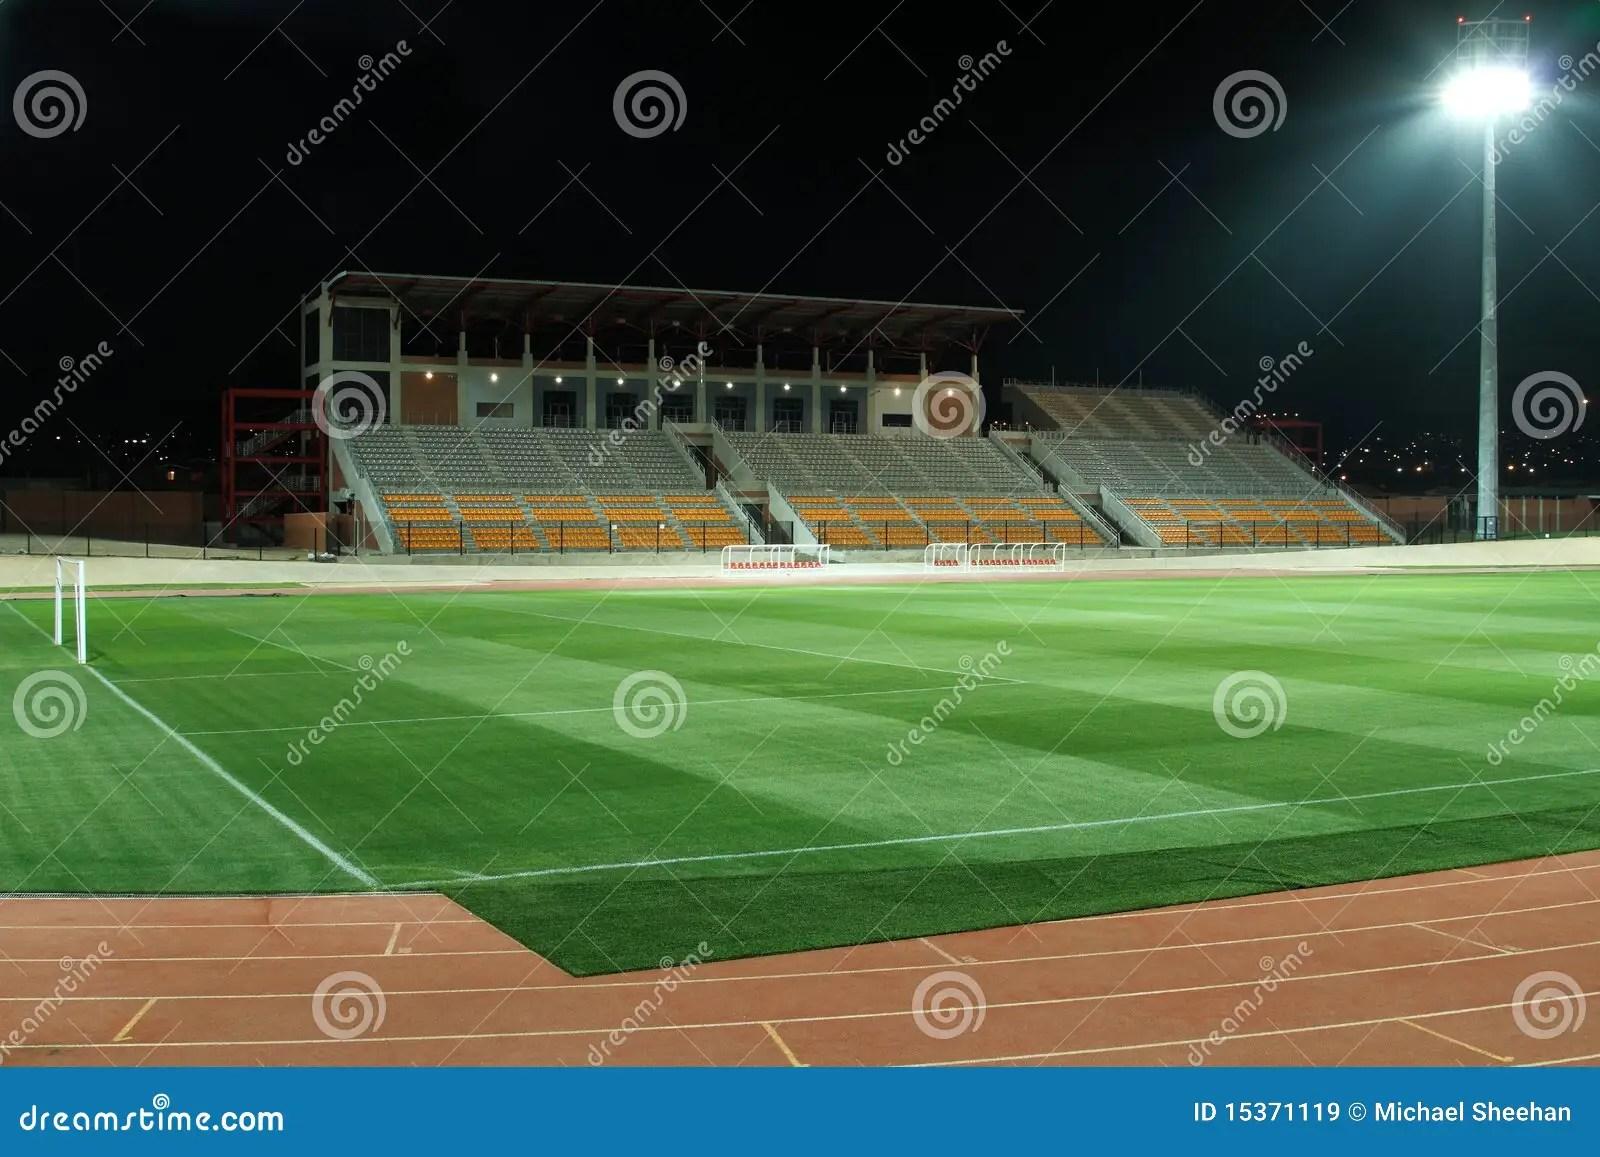 Flood Light Stadium Royalty Free Stock Images Image